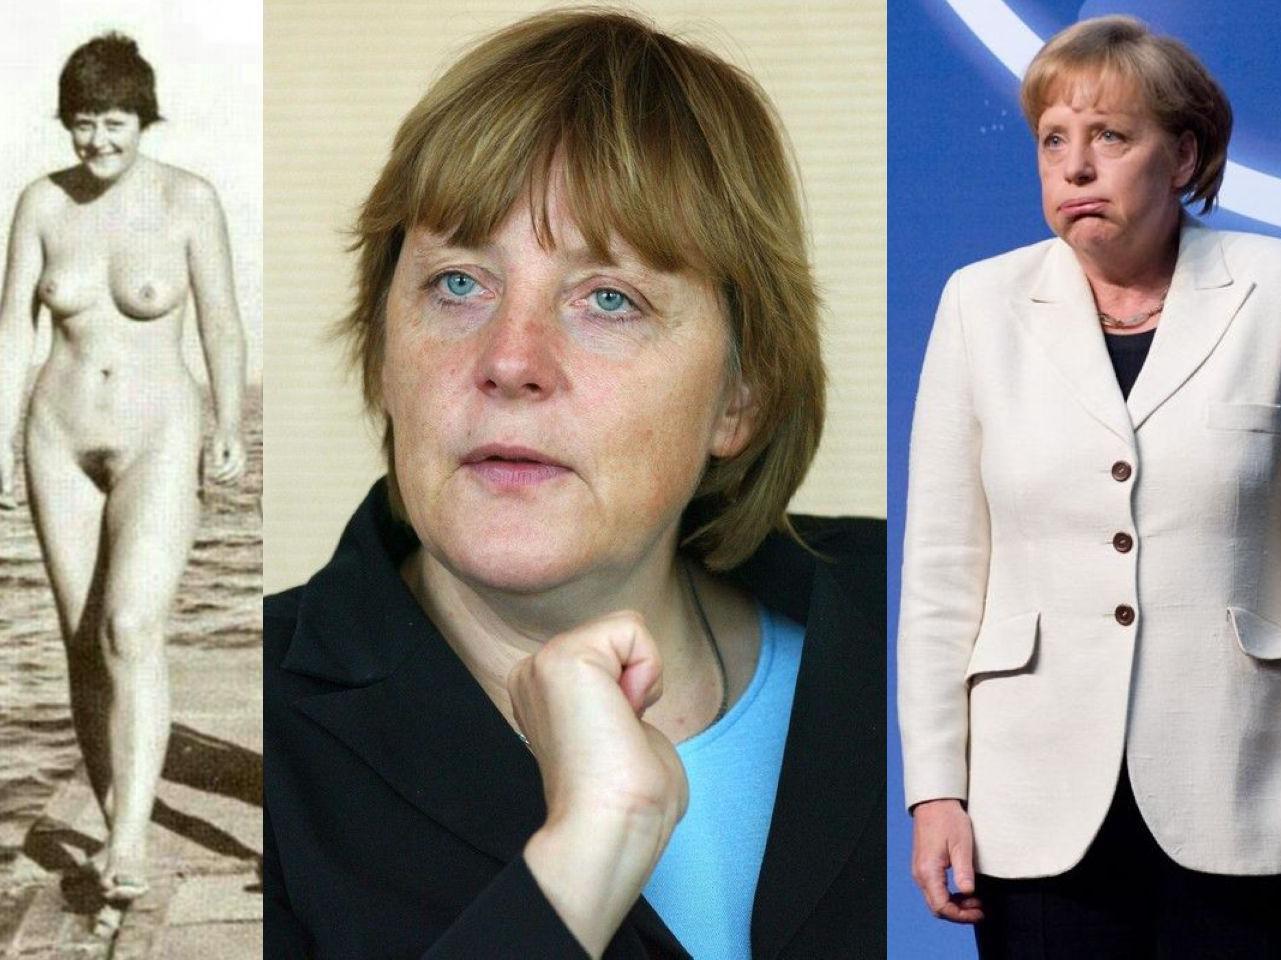 Leveraging Angela Merkel's Breasts